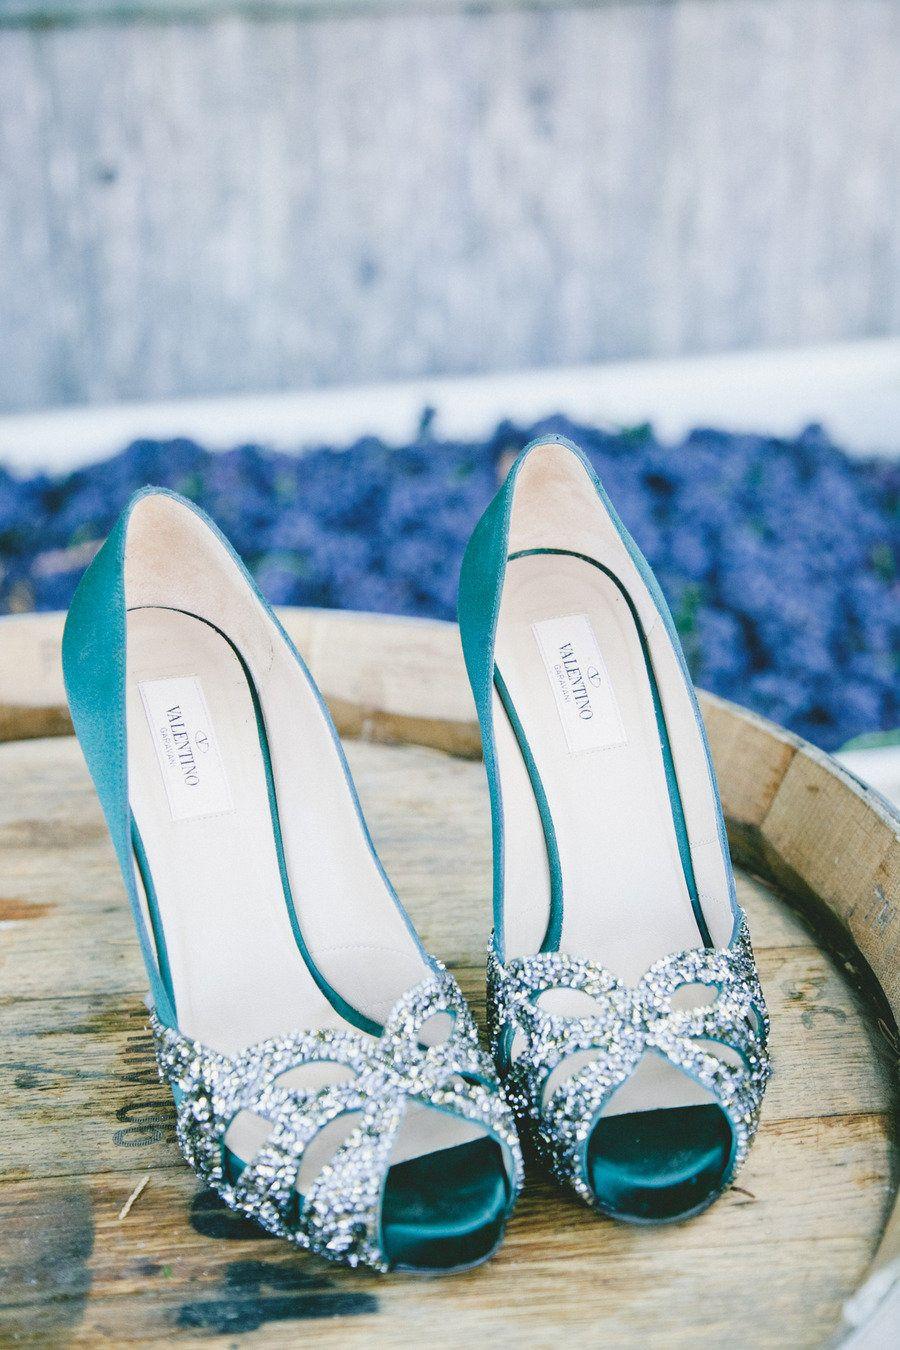 Scarpe Verdi Sposa.Sonoma County Wedding From Onelove Photography Scarpe Con Tacchi